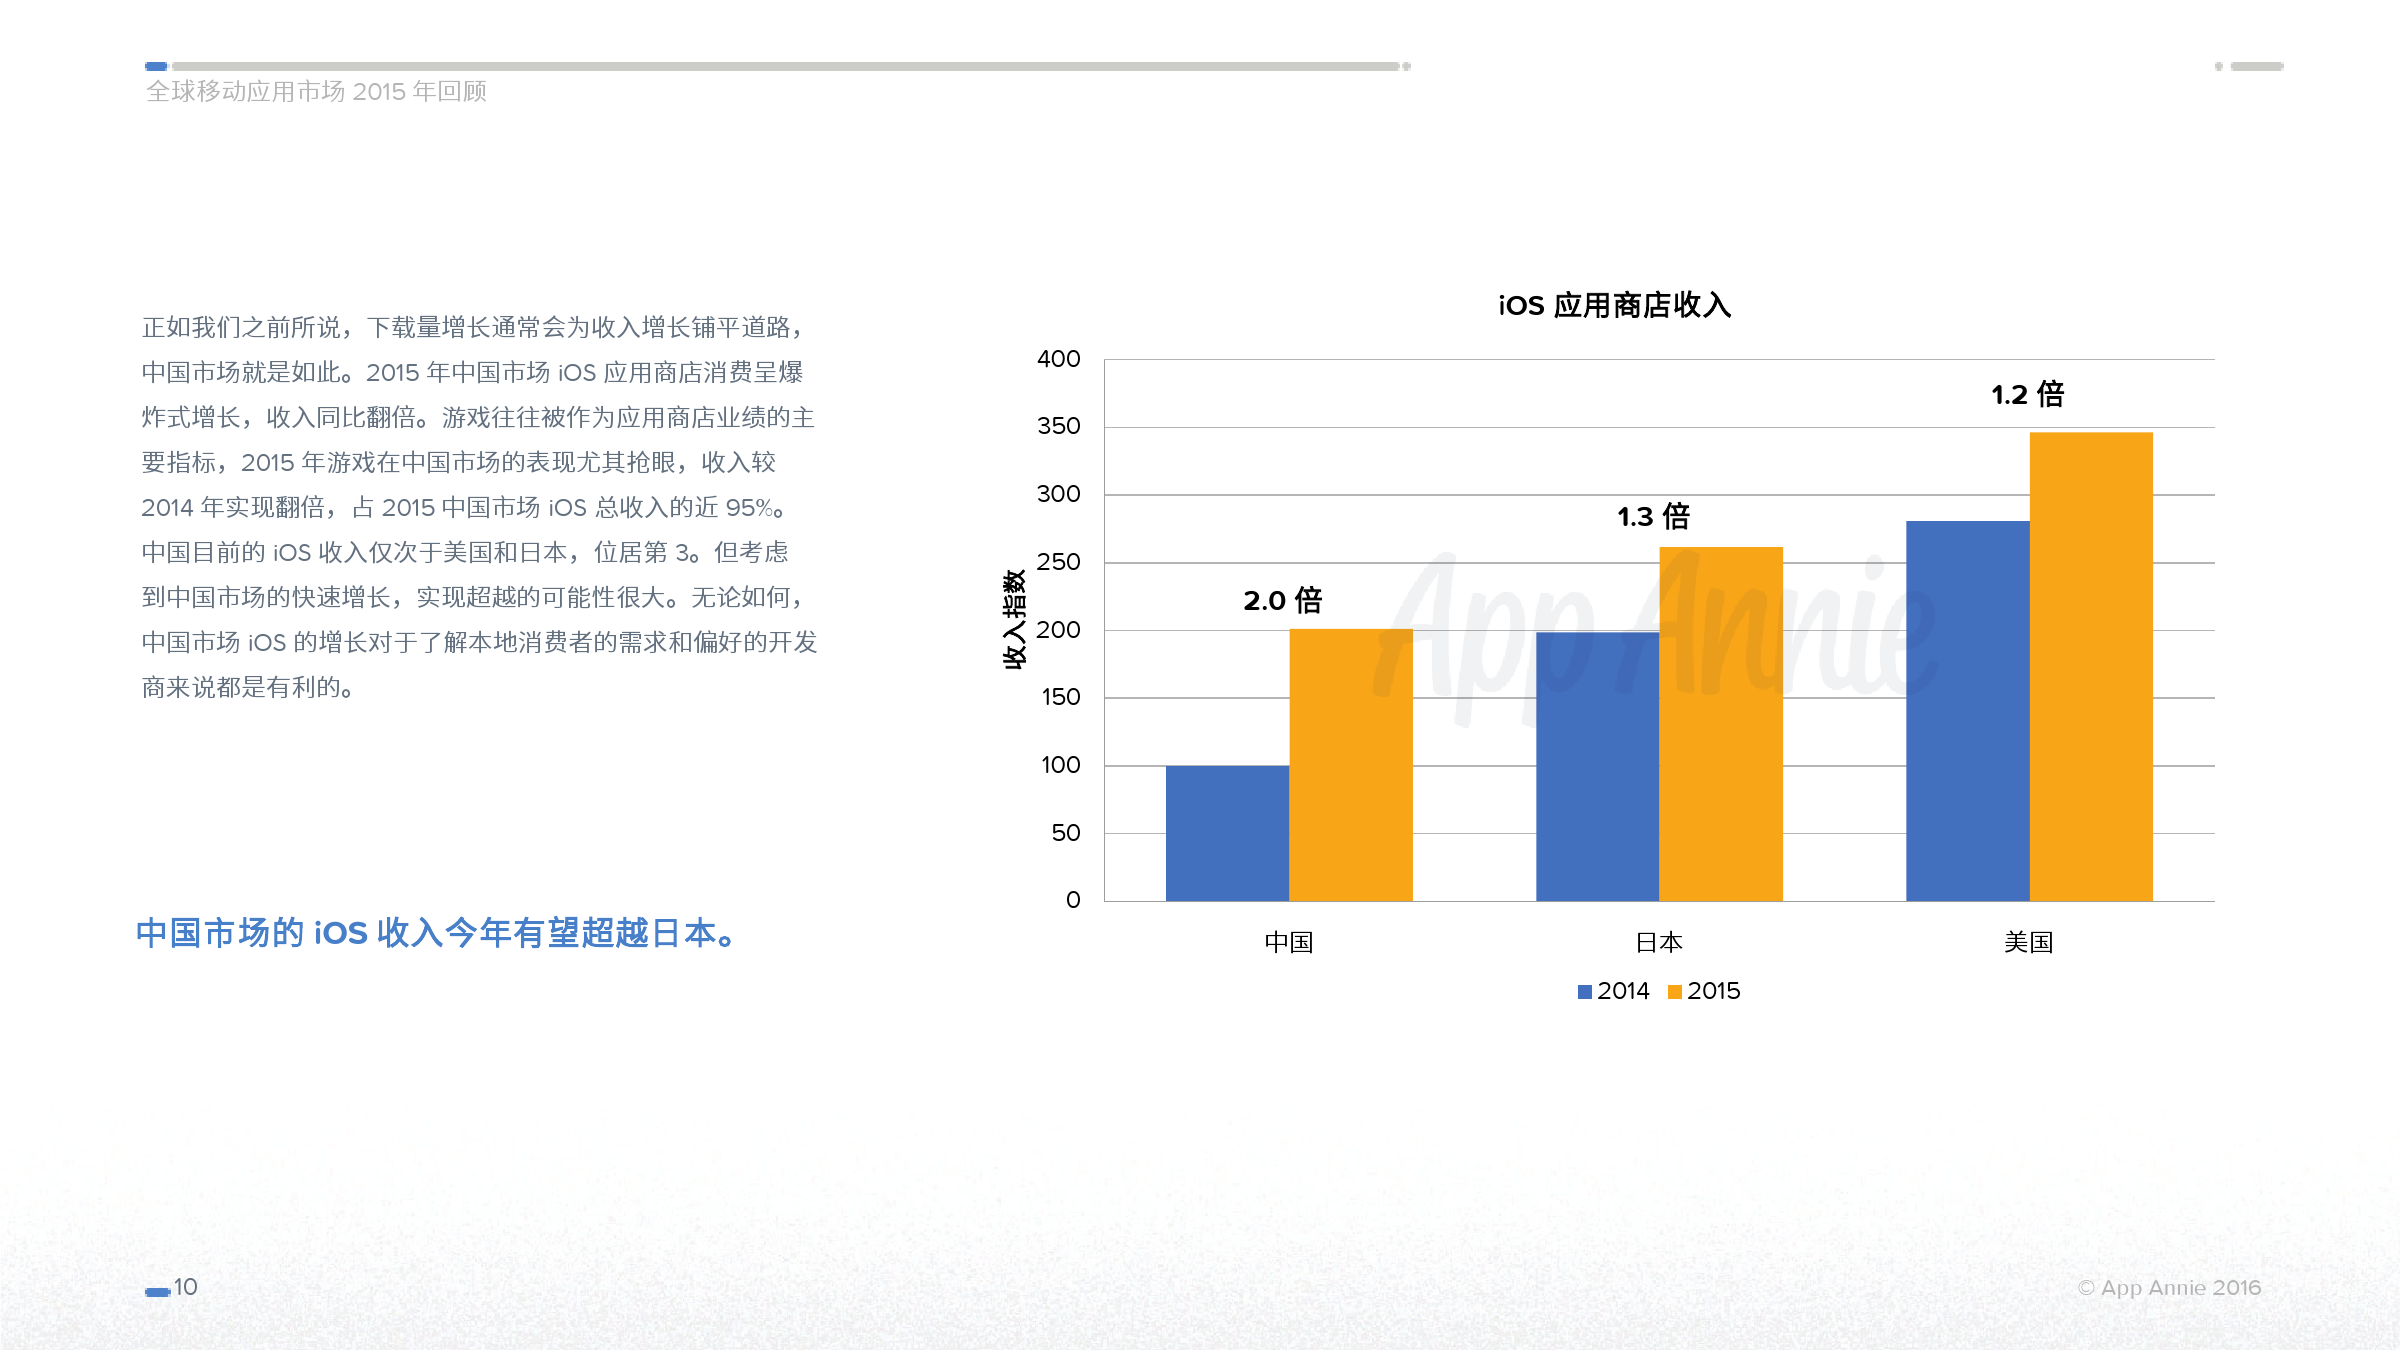 App Annie 全球移动应用市场 2015 年回顾_000010